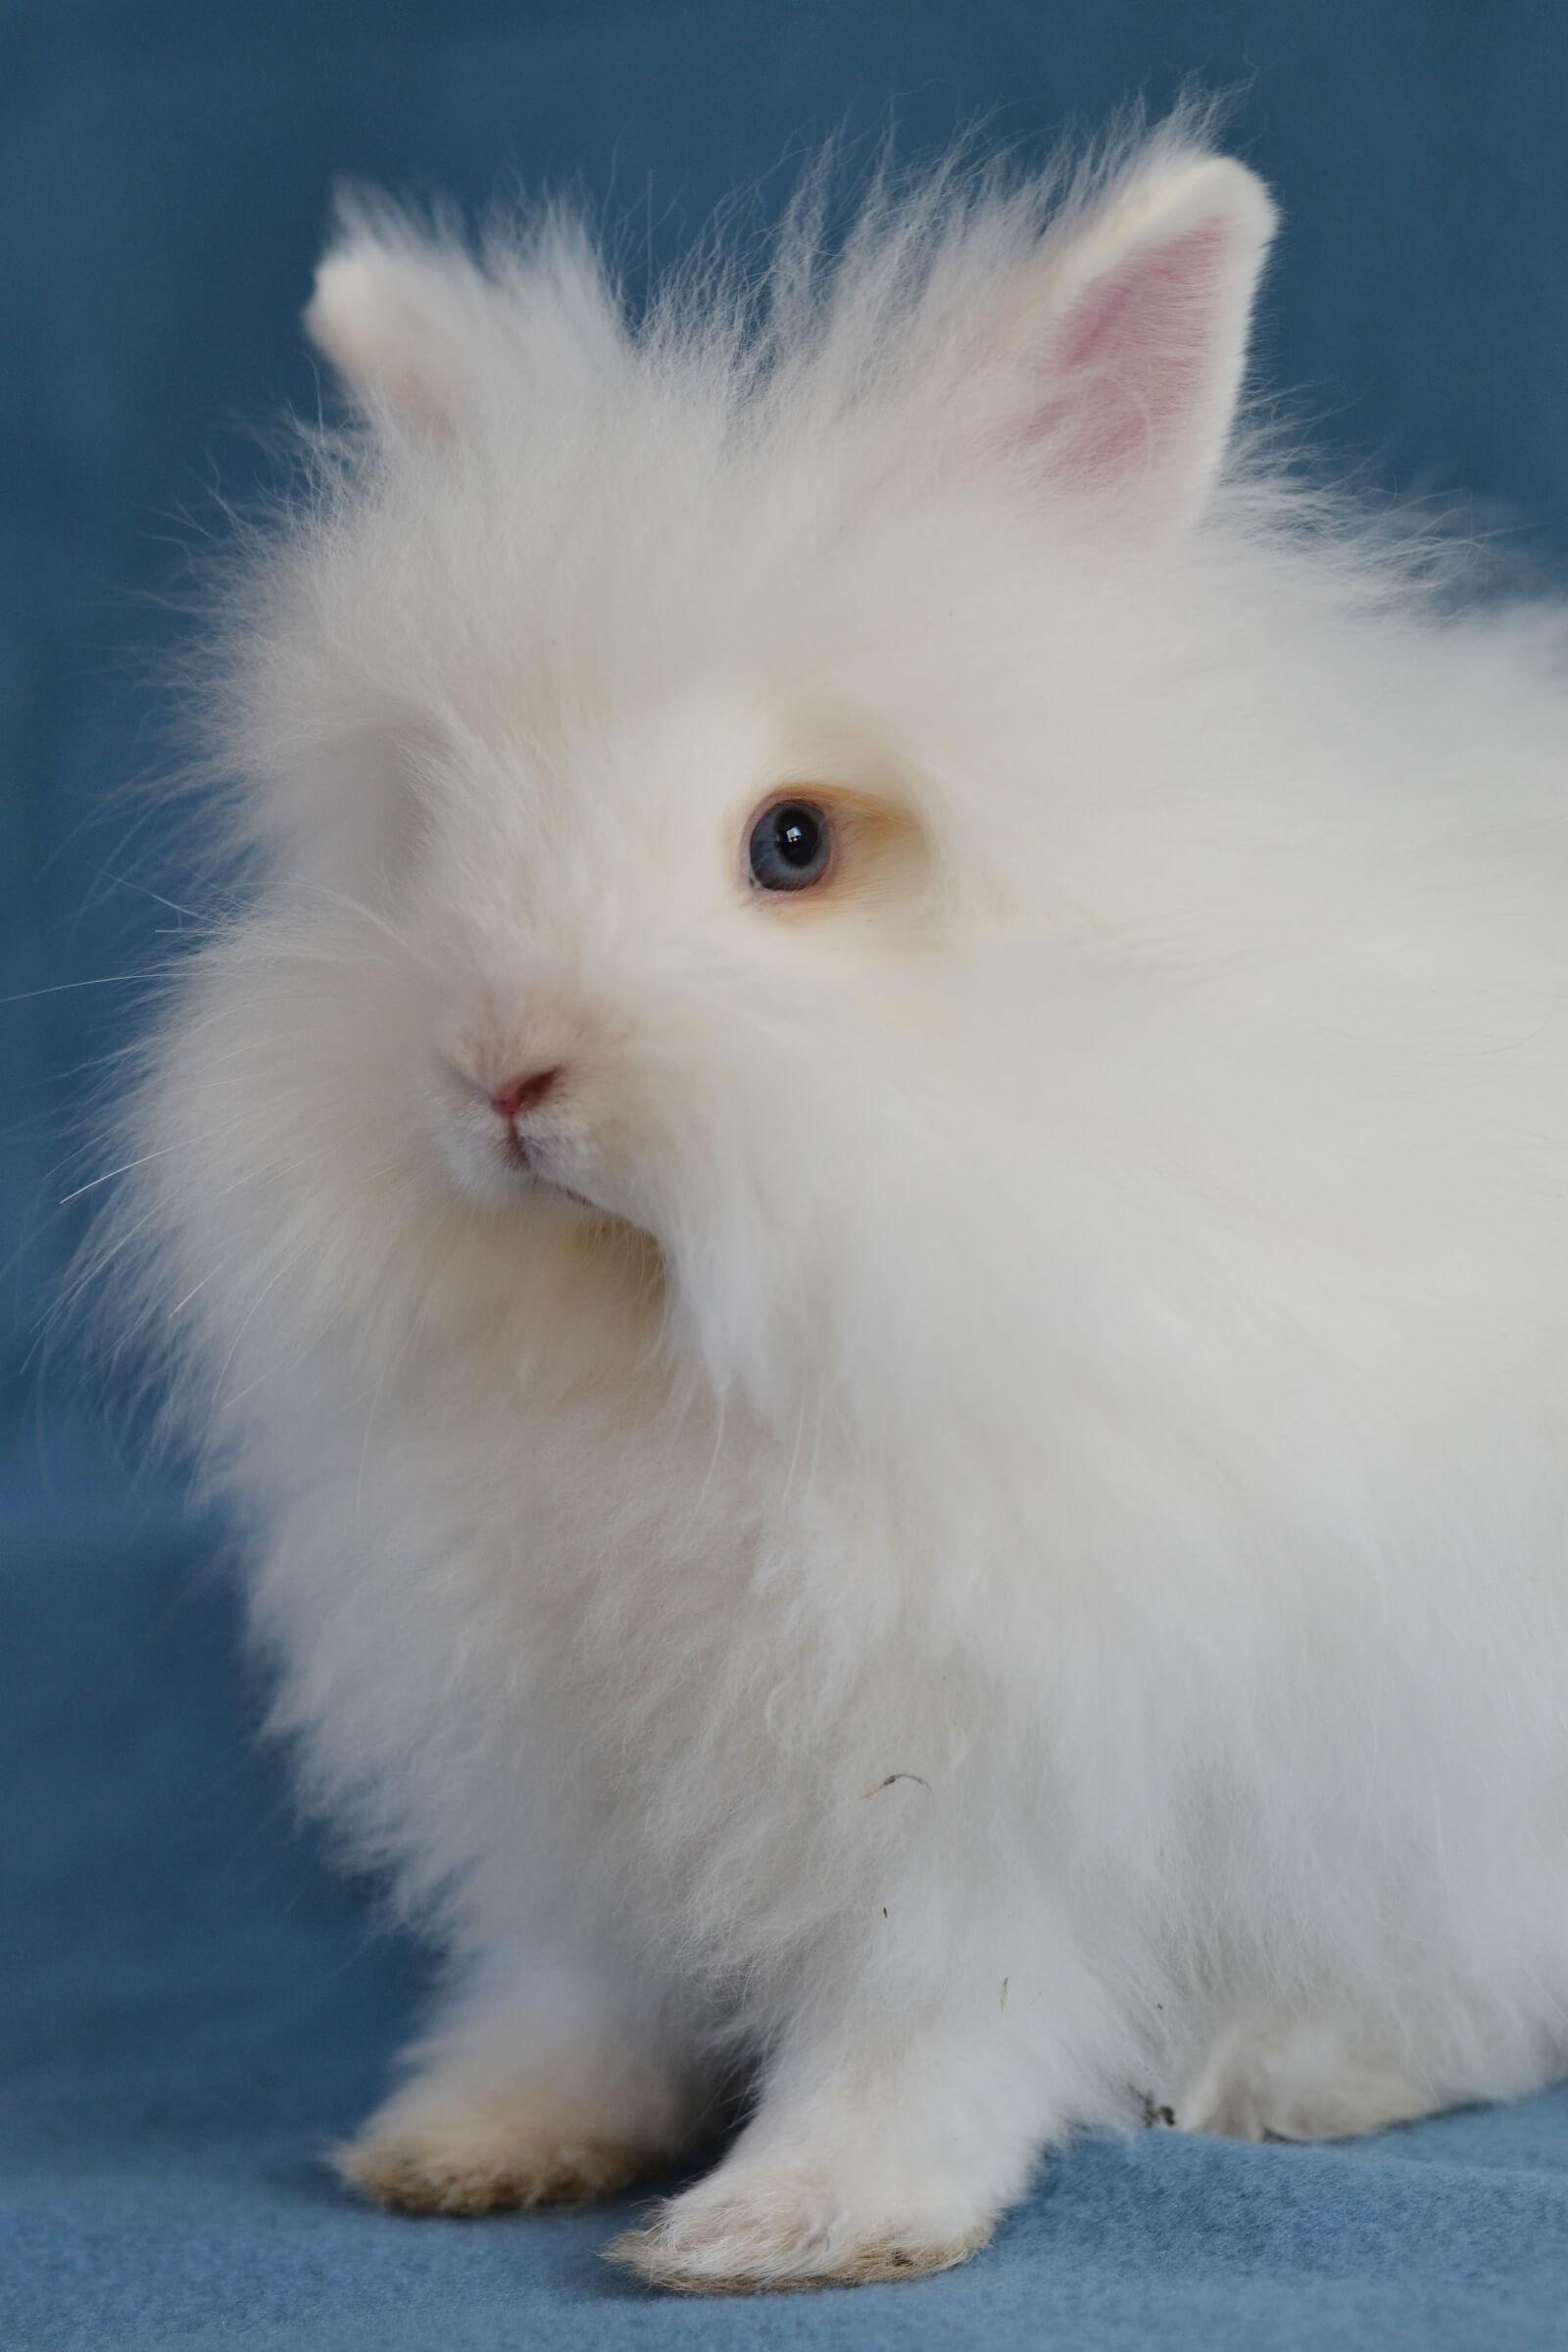 Foto van ons konijn Snowy, een goed voorbeeld van een knipbaar konijn